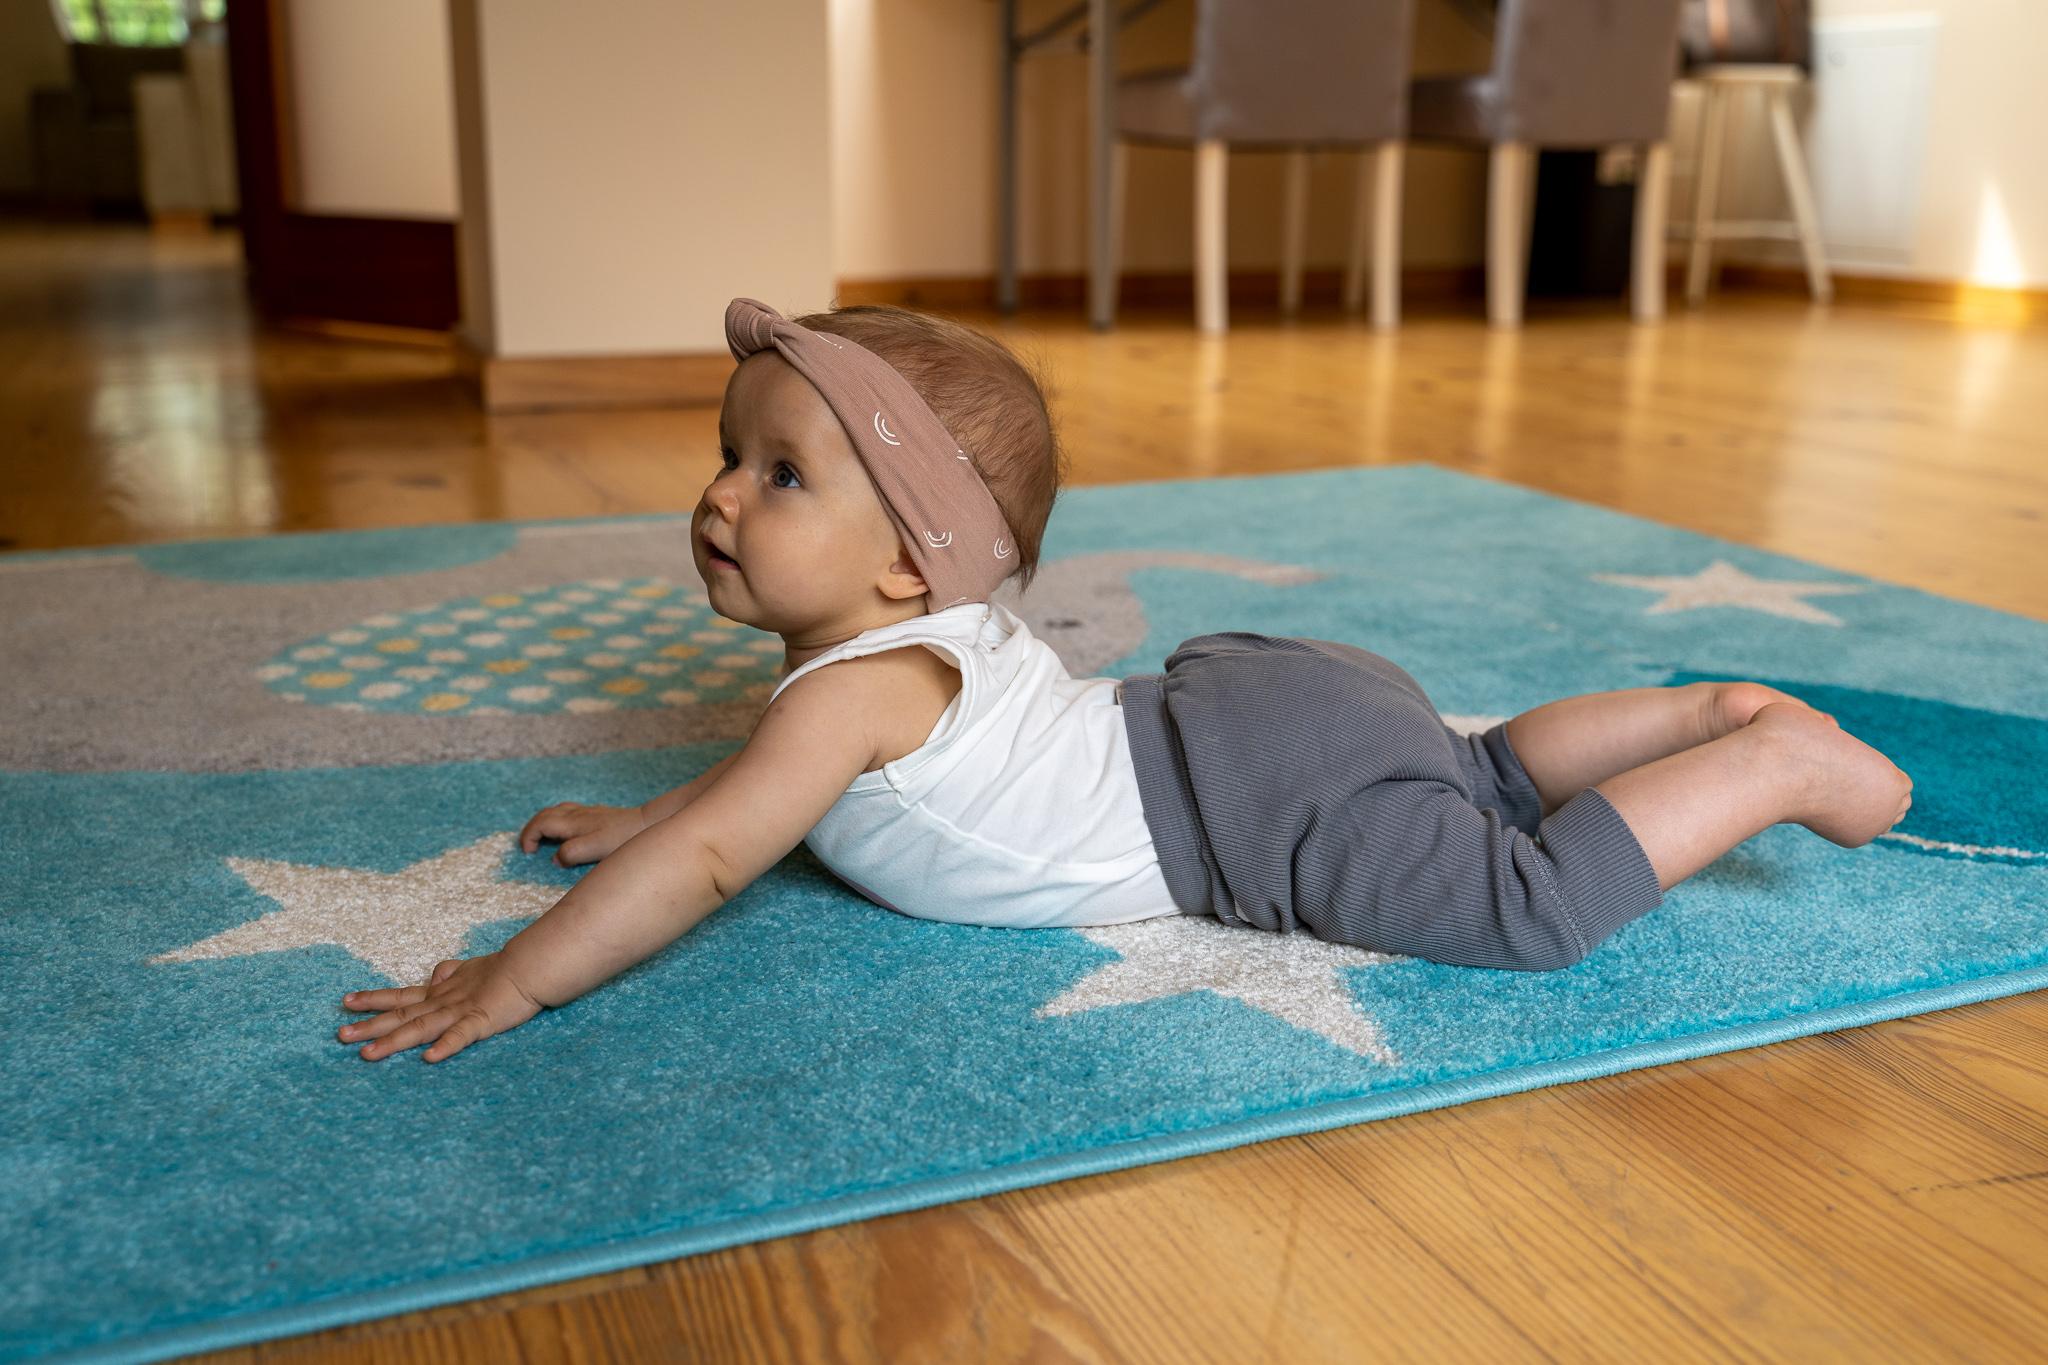 Pierwsza wizyta u fizjoterapeuty z niemowlęciem – jak wygląda i jak się do niej przygotować